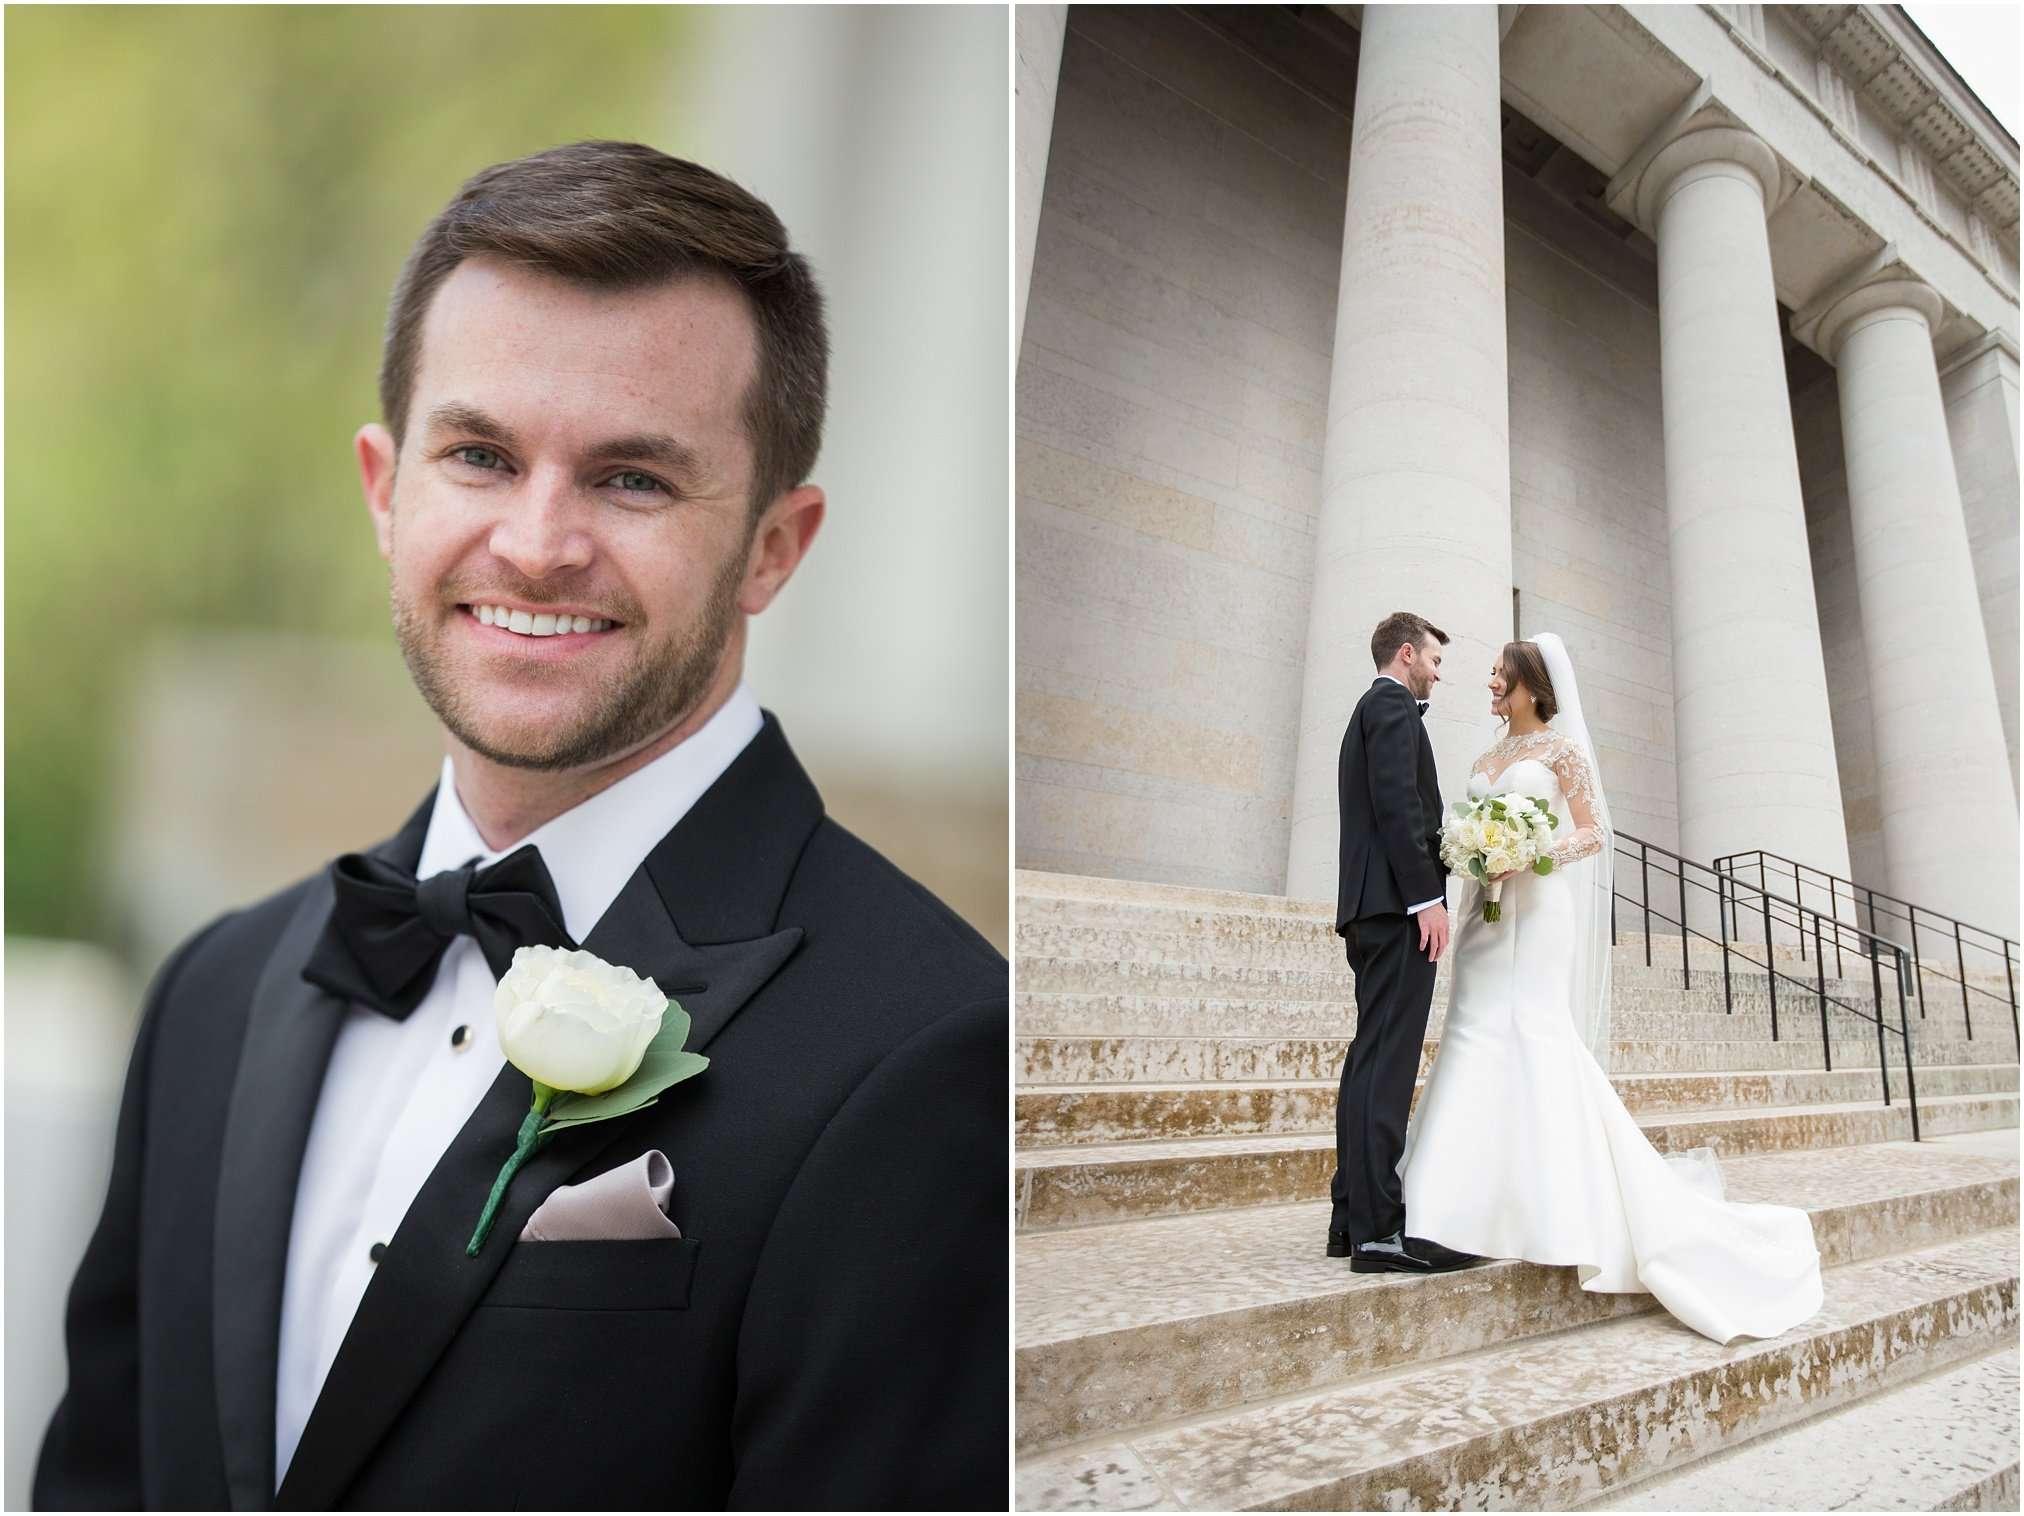 Spring Wedding at the Ohio Statehouse | Columbus Ohio Photography 46